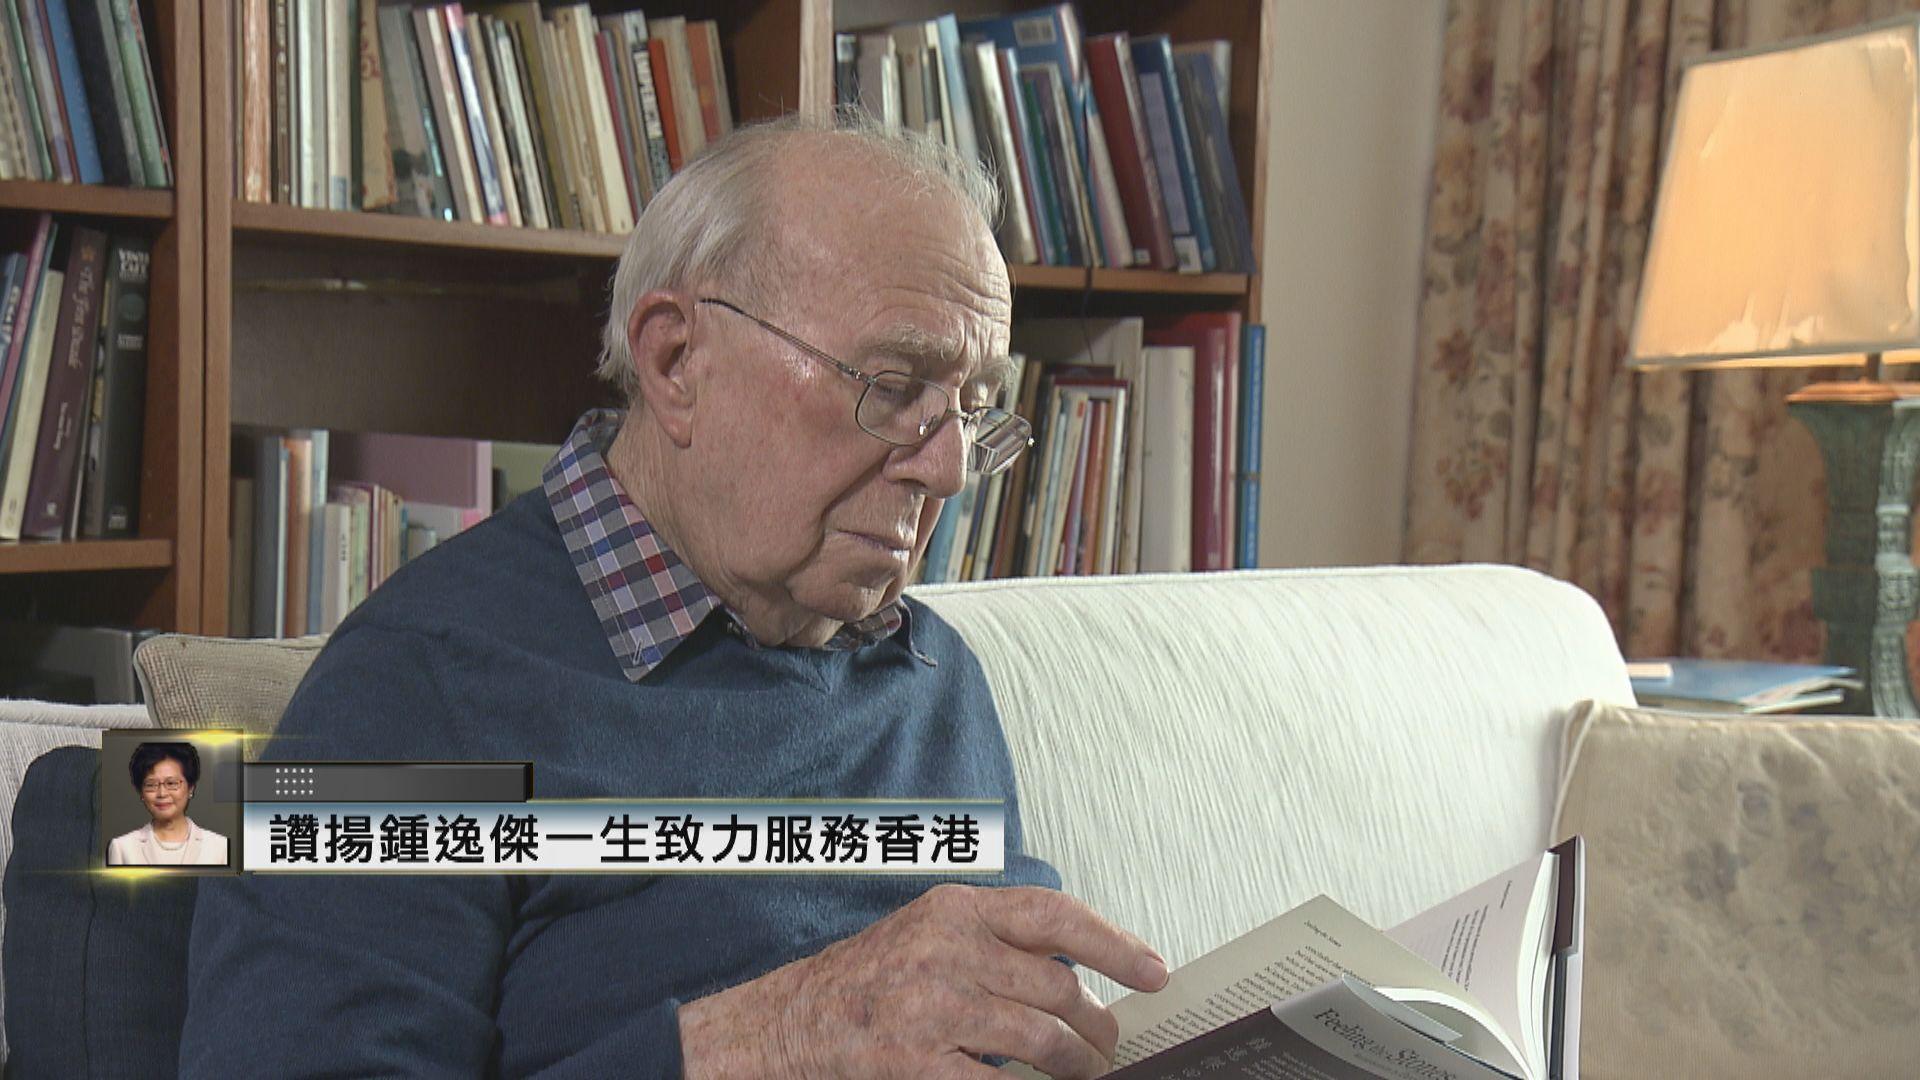 林鄭月娥讚揚鍾逸傑一生致力服務社會